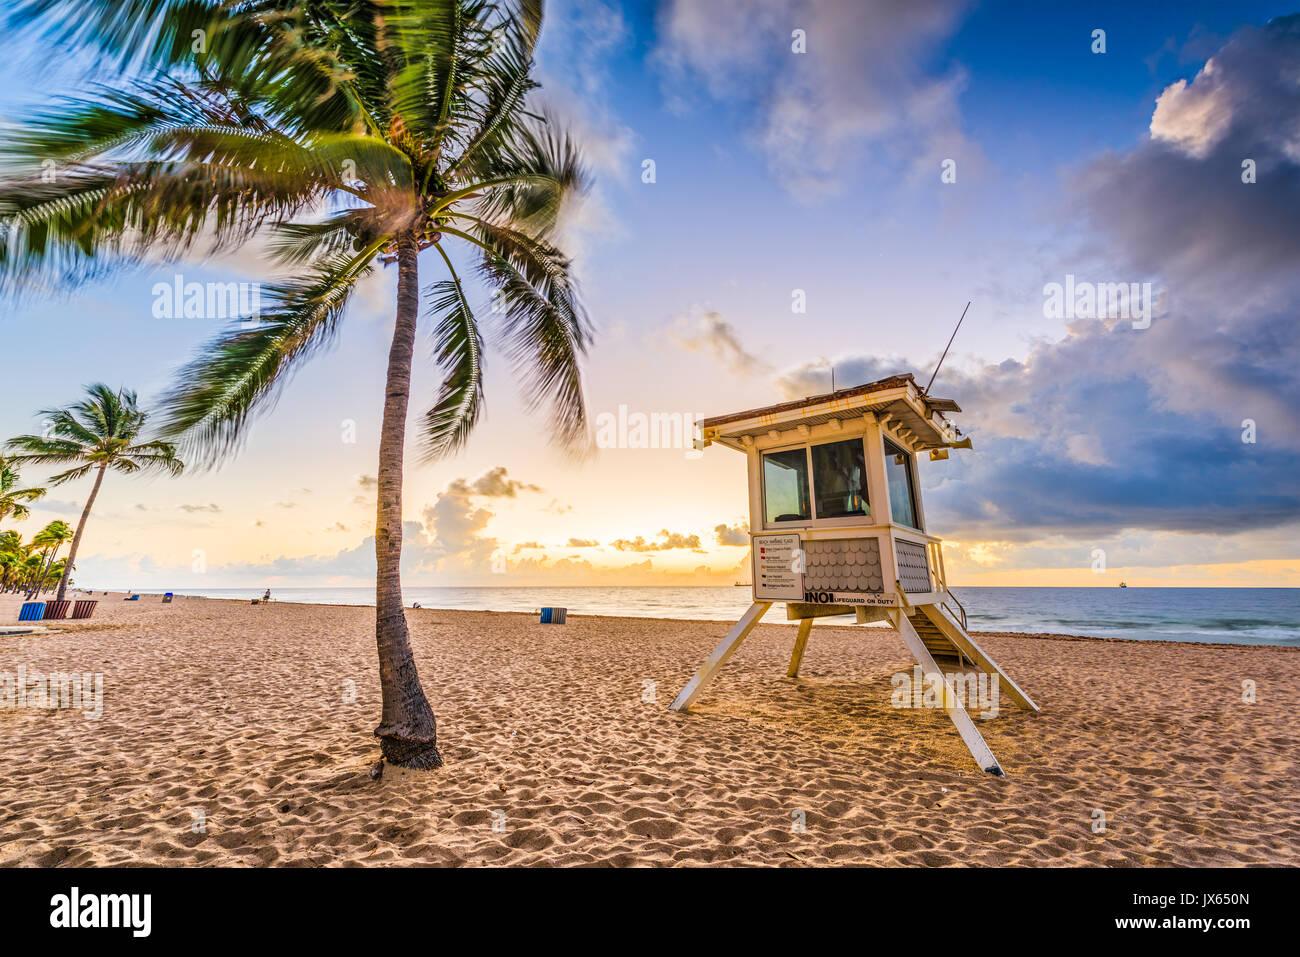 Fort Lauderdale Beach, Florida, Estados Unidos. Imagen De Stock